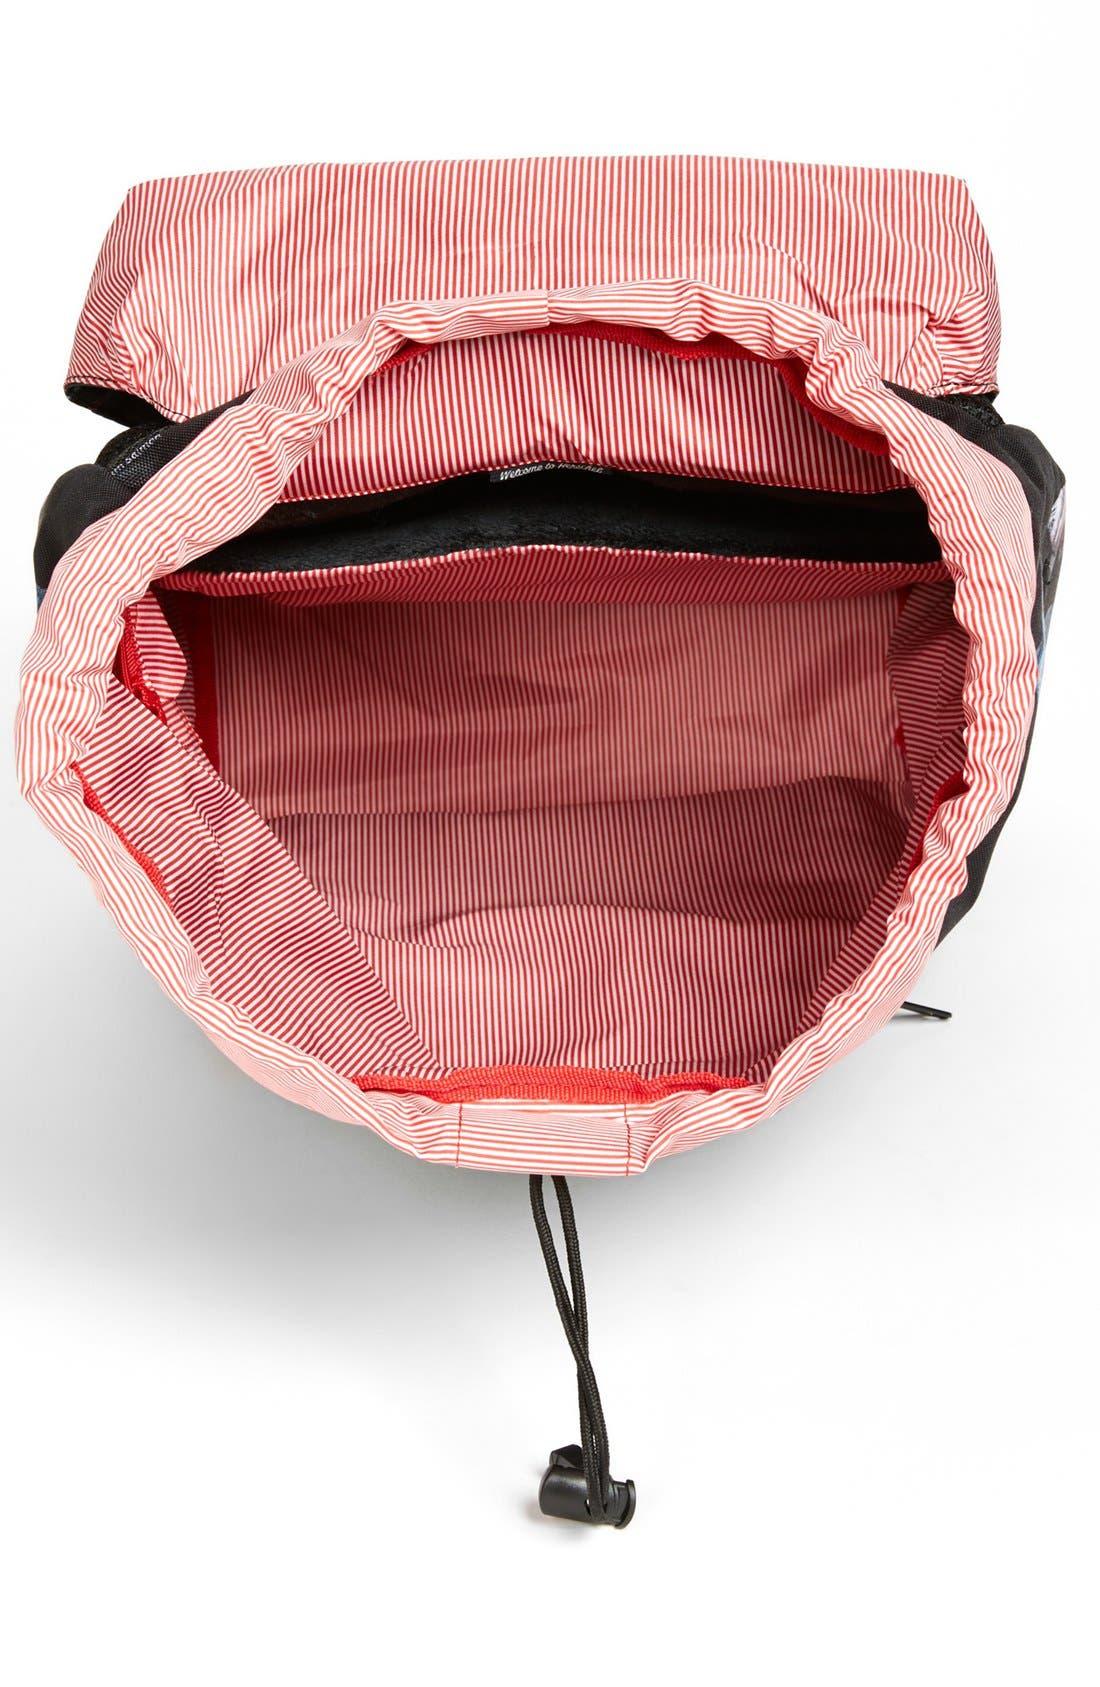 Little America Backpack,                             Alternate thumbnail 4, color,                             003